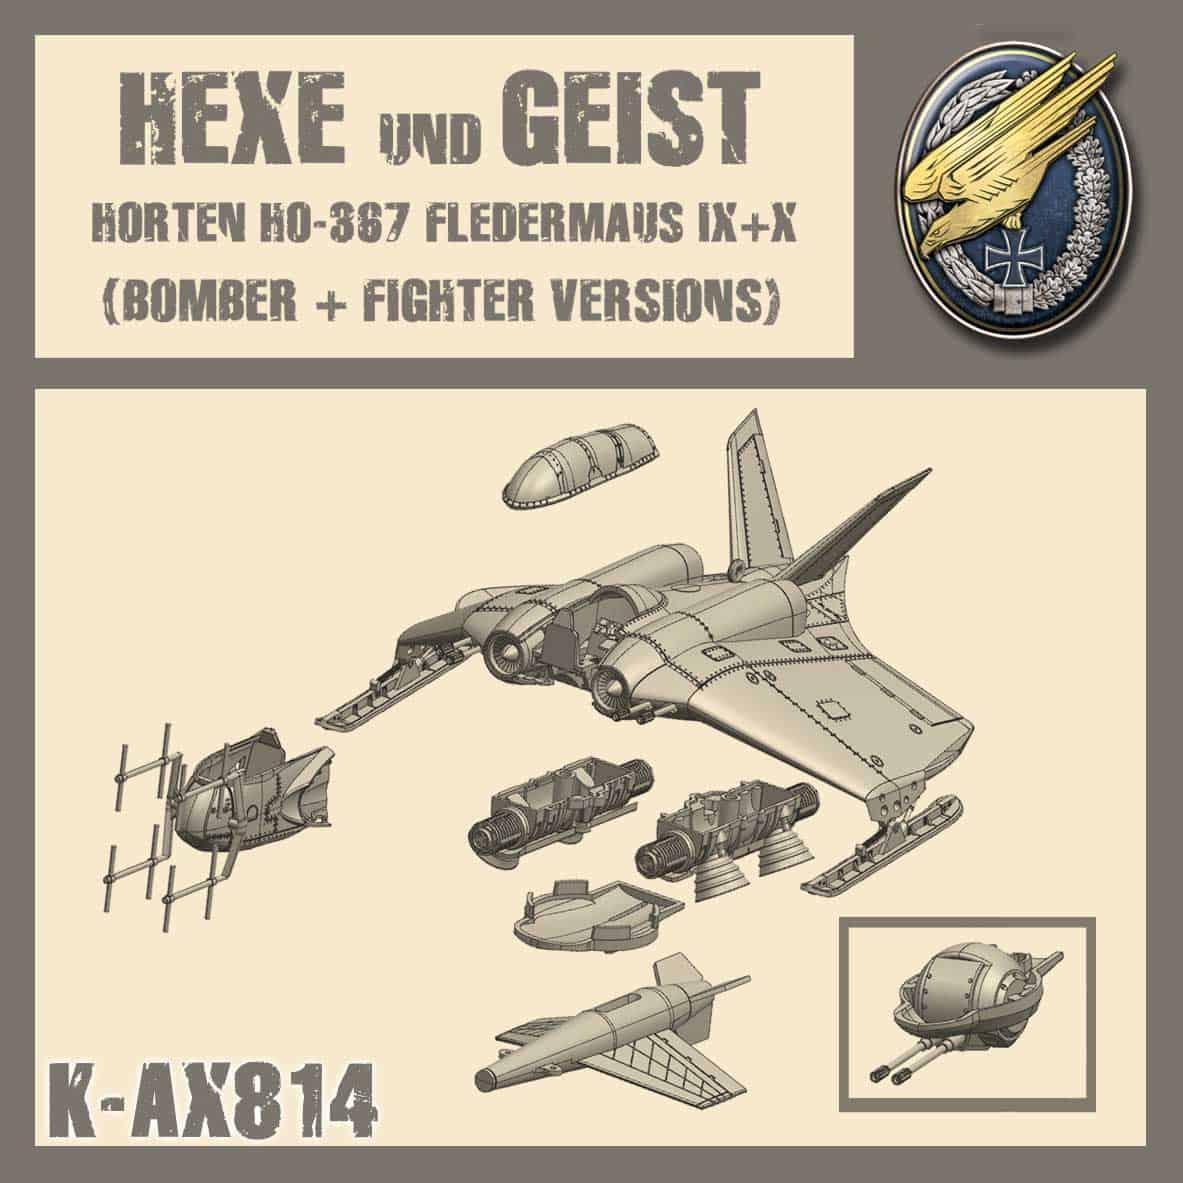 Hexe / Geist Kit